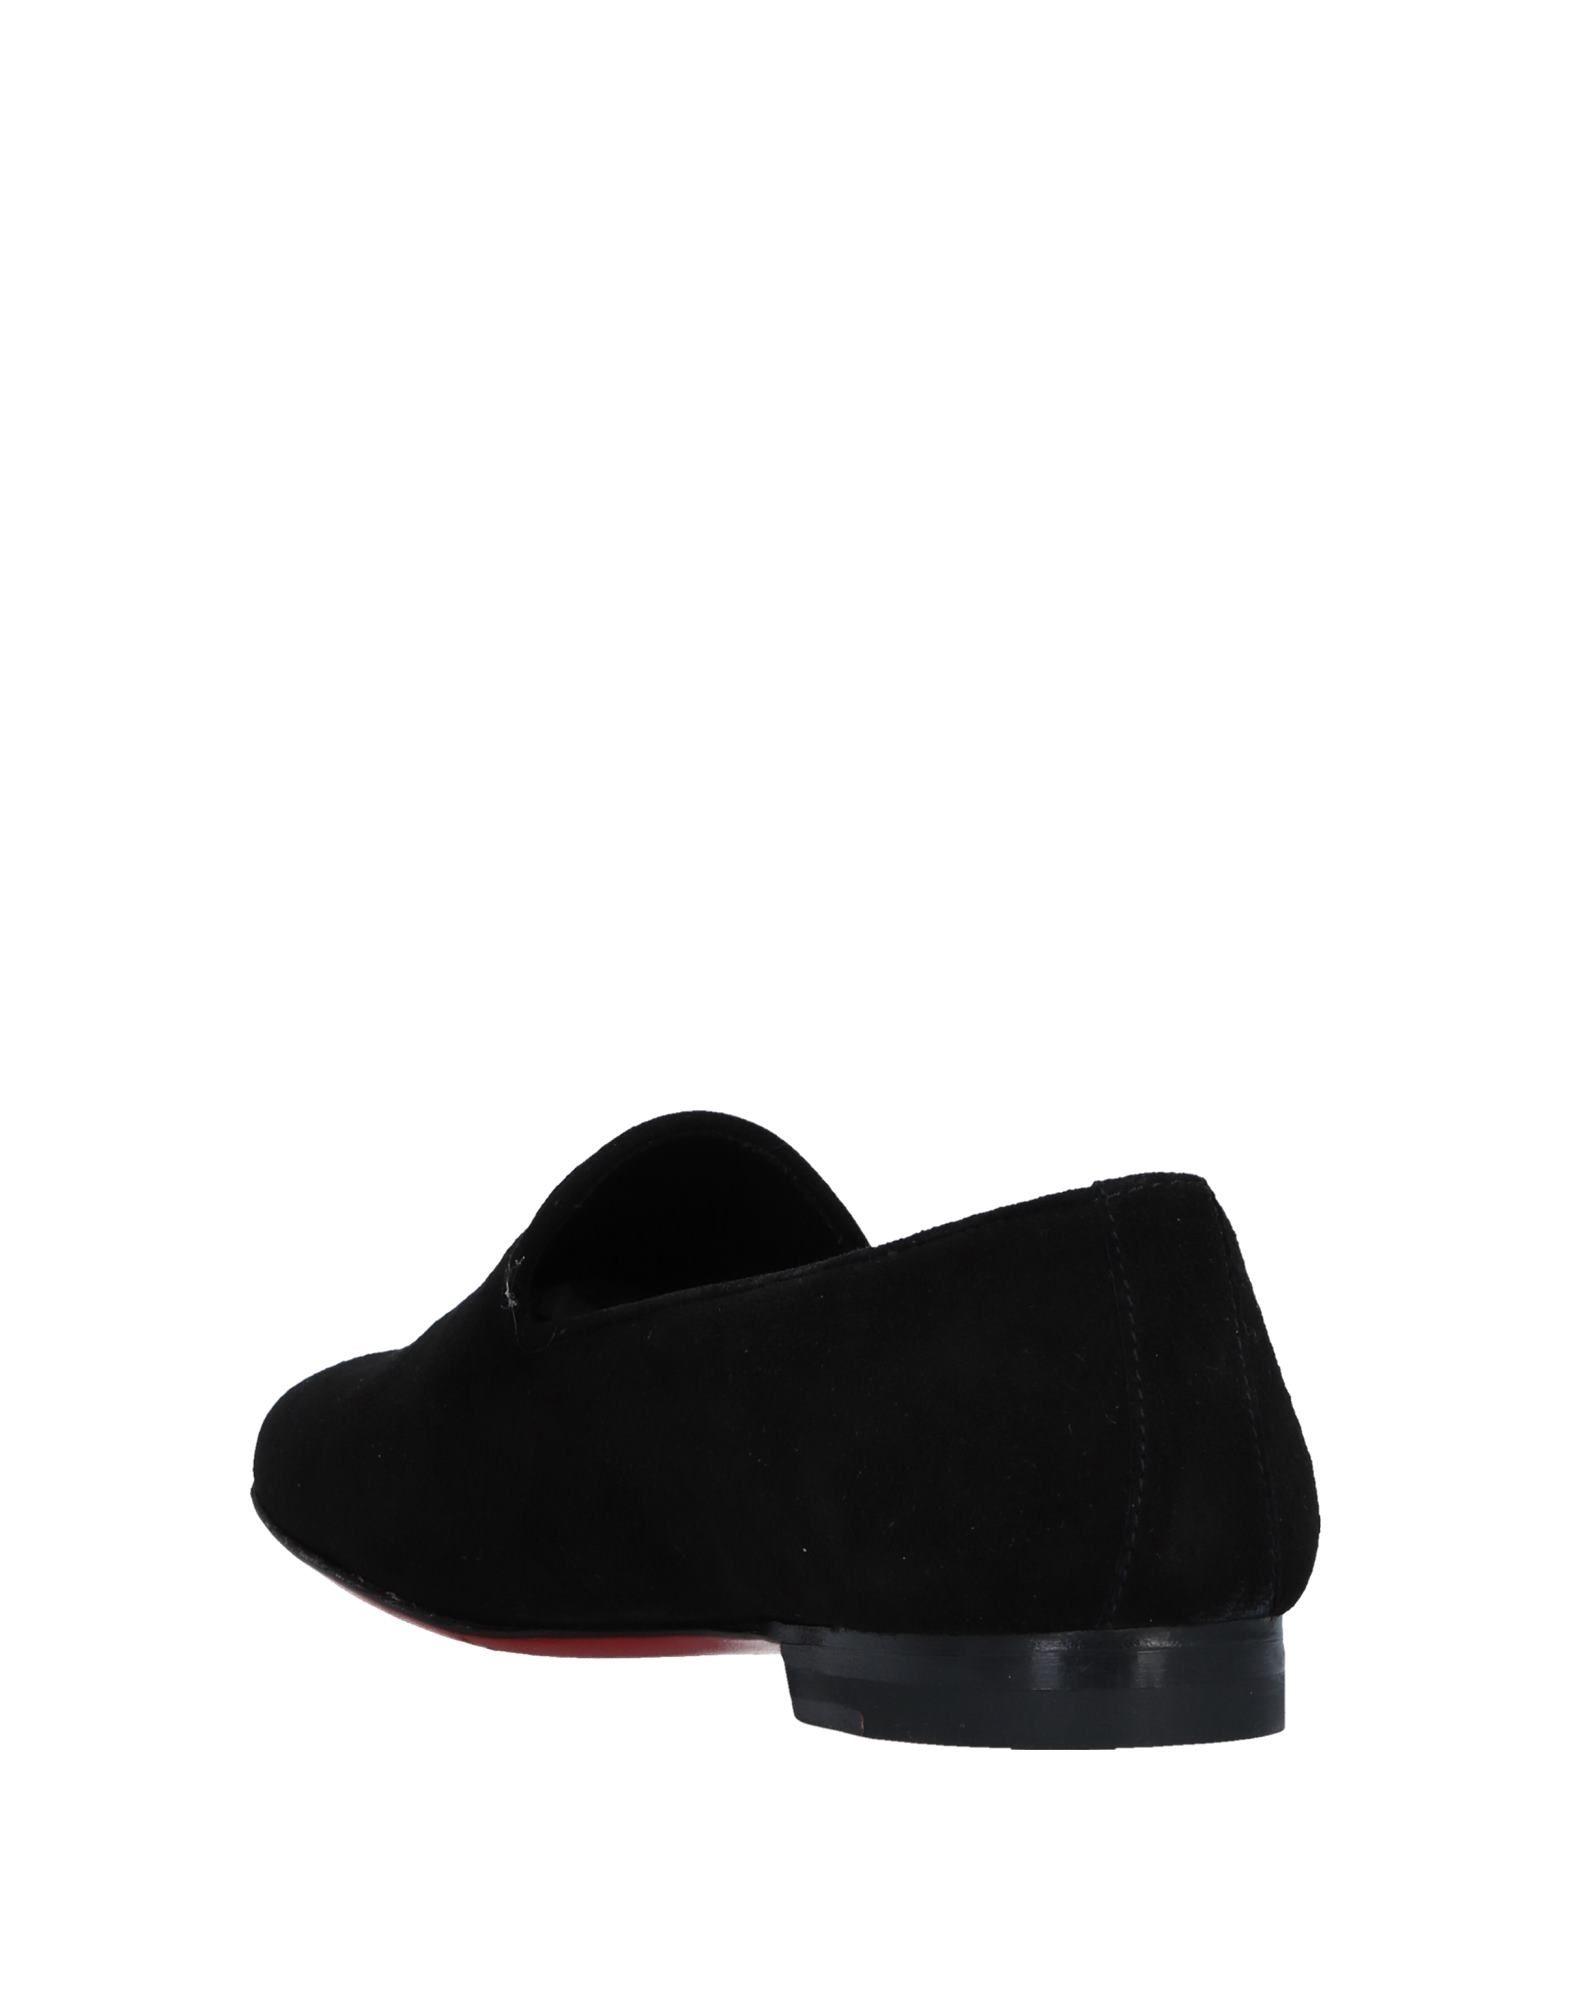 Communication Love Mokassins Qualität Damen  11253855JI Gute Qualität Mokassins beliebte Schuhe 94fc48